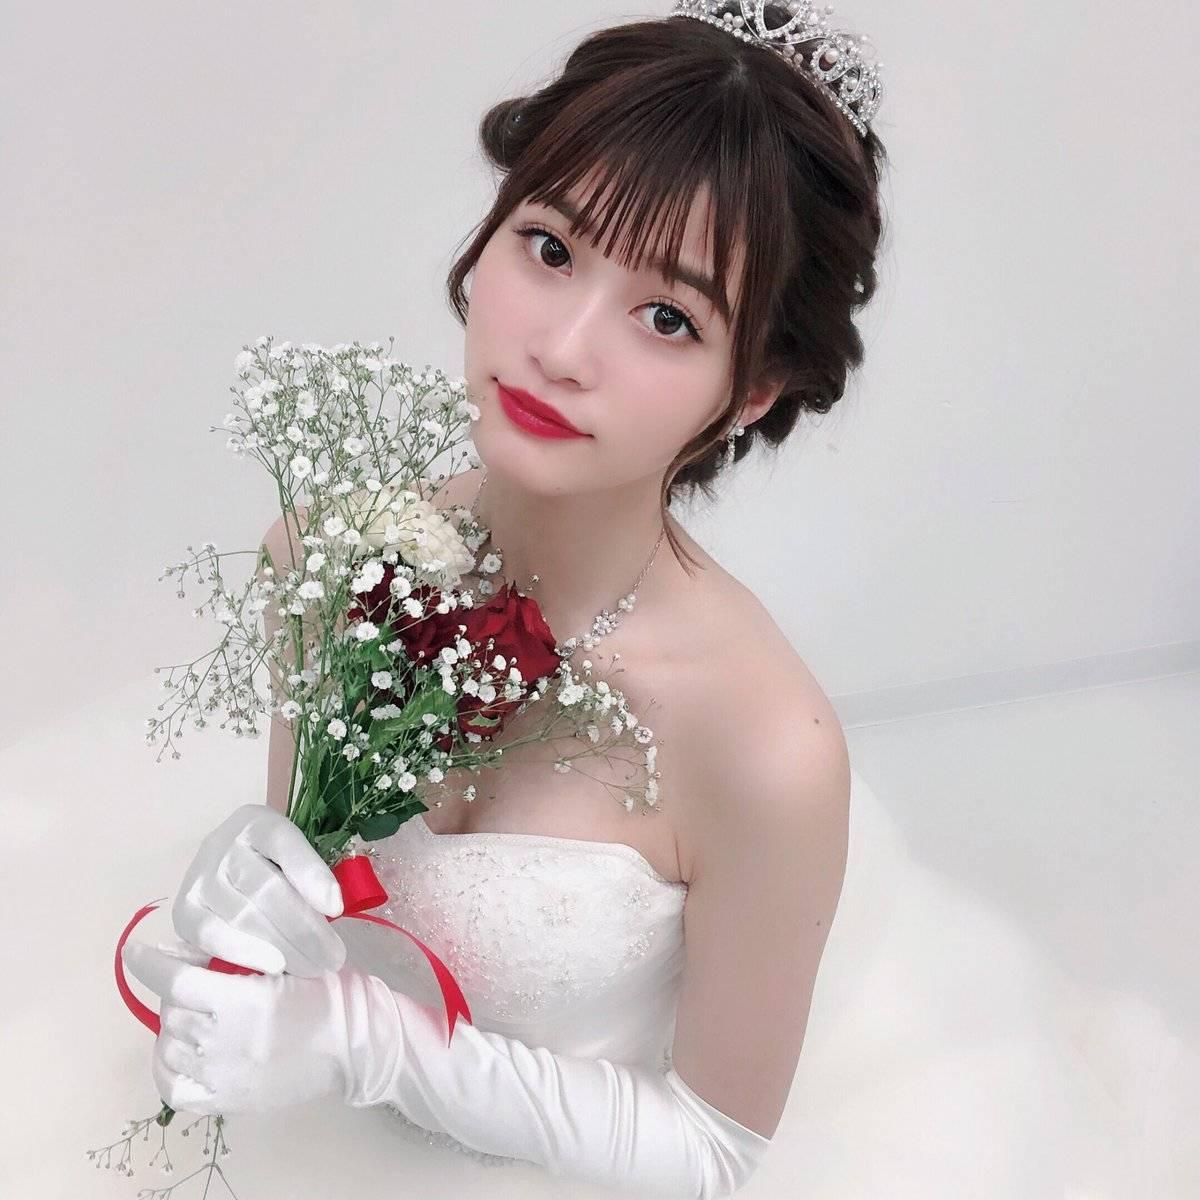 生見愛瑠の結婚歴や歴代彼氏元カレは?顔画像や馴れ初め・噂を調査!